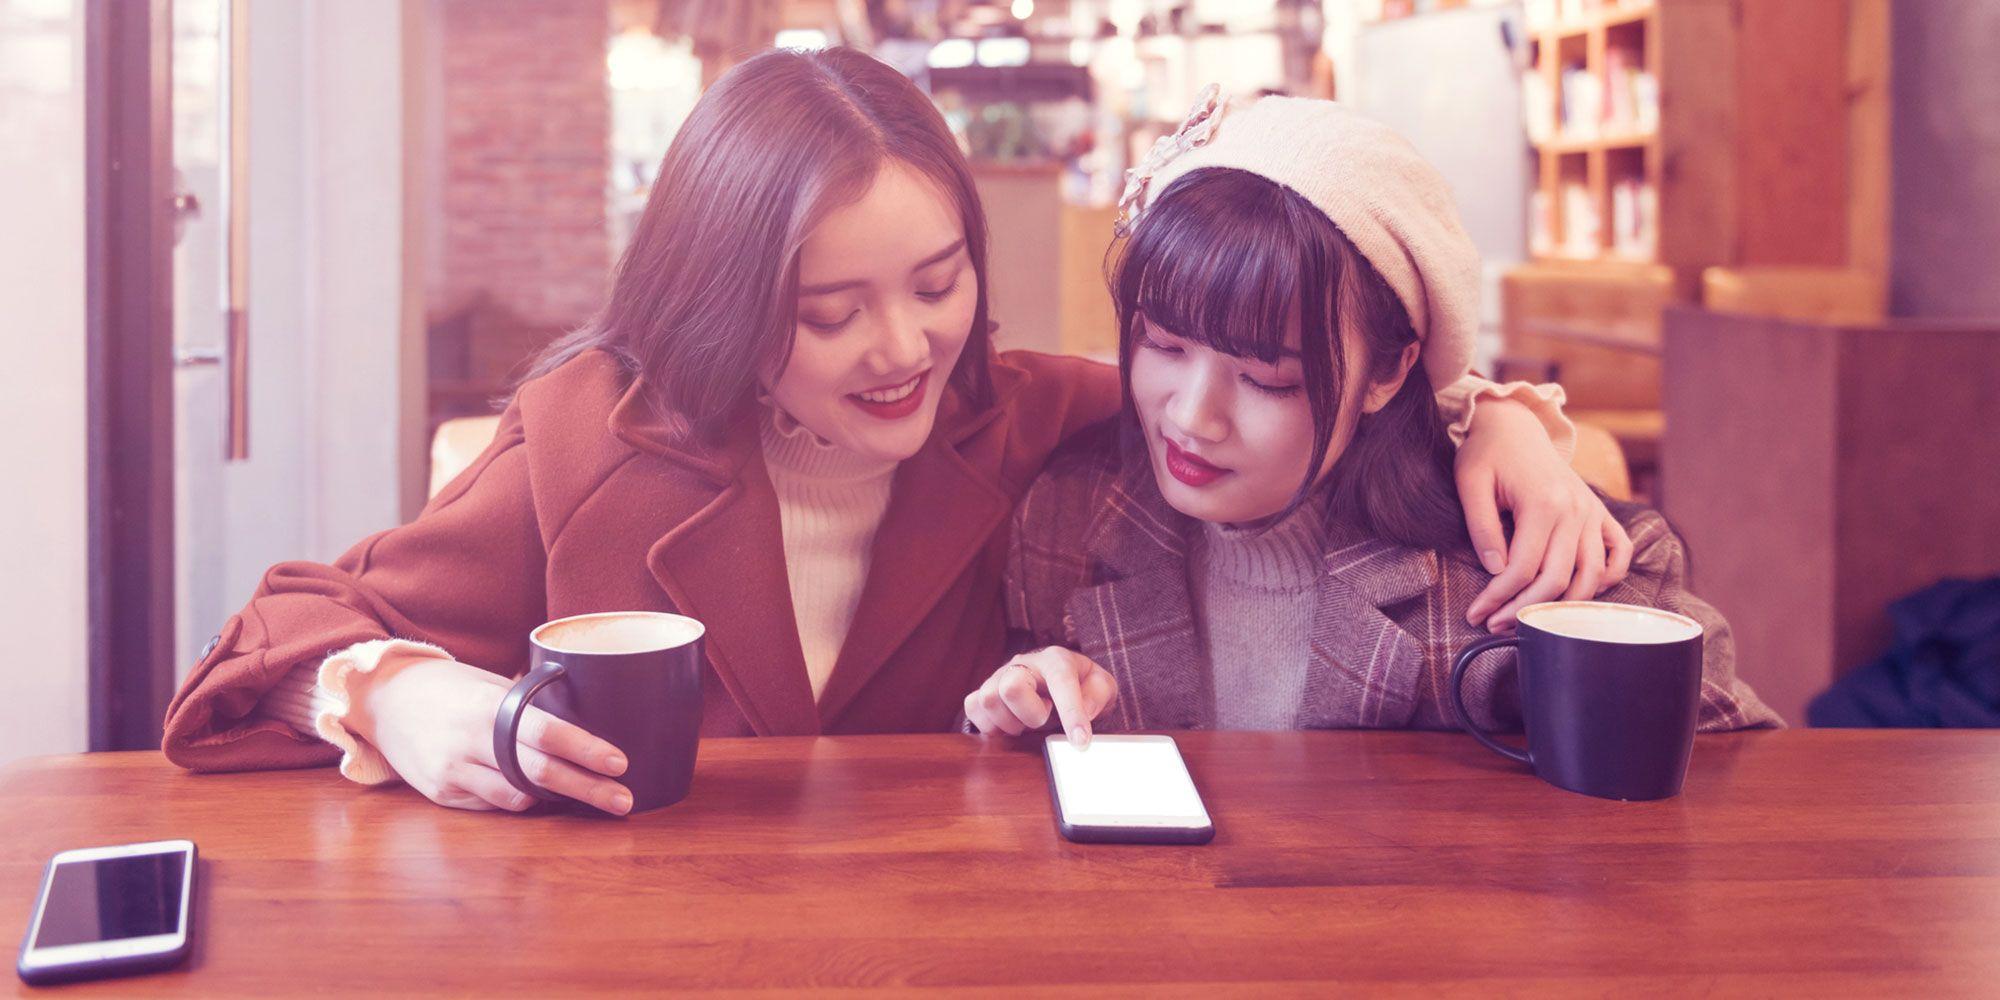 Two women drinking coffee